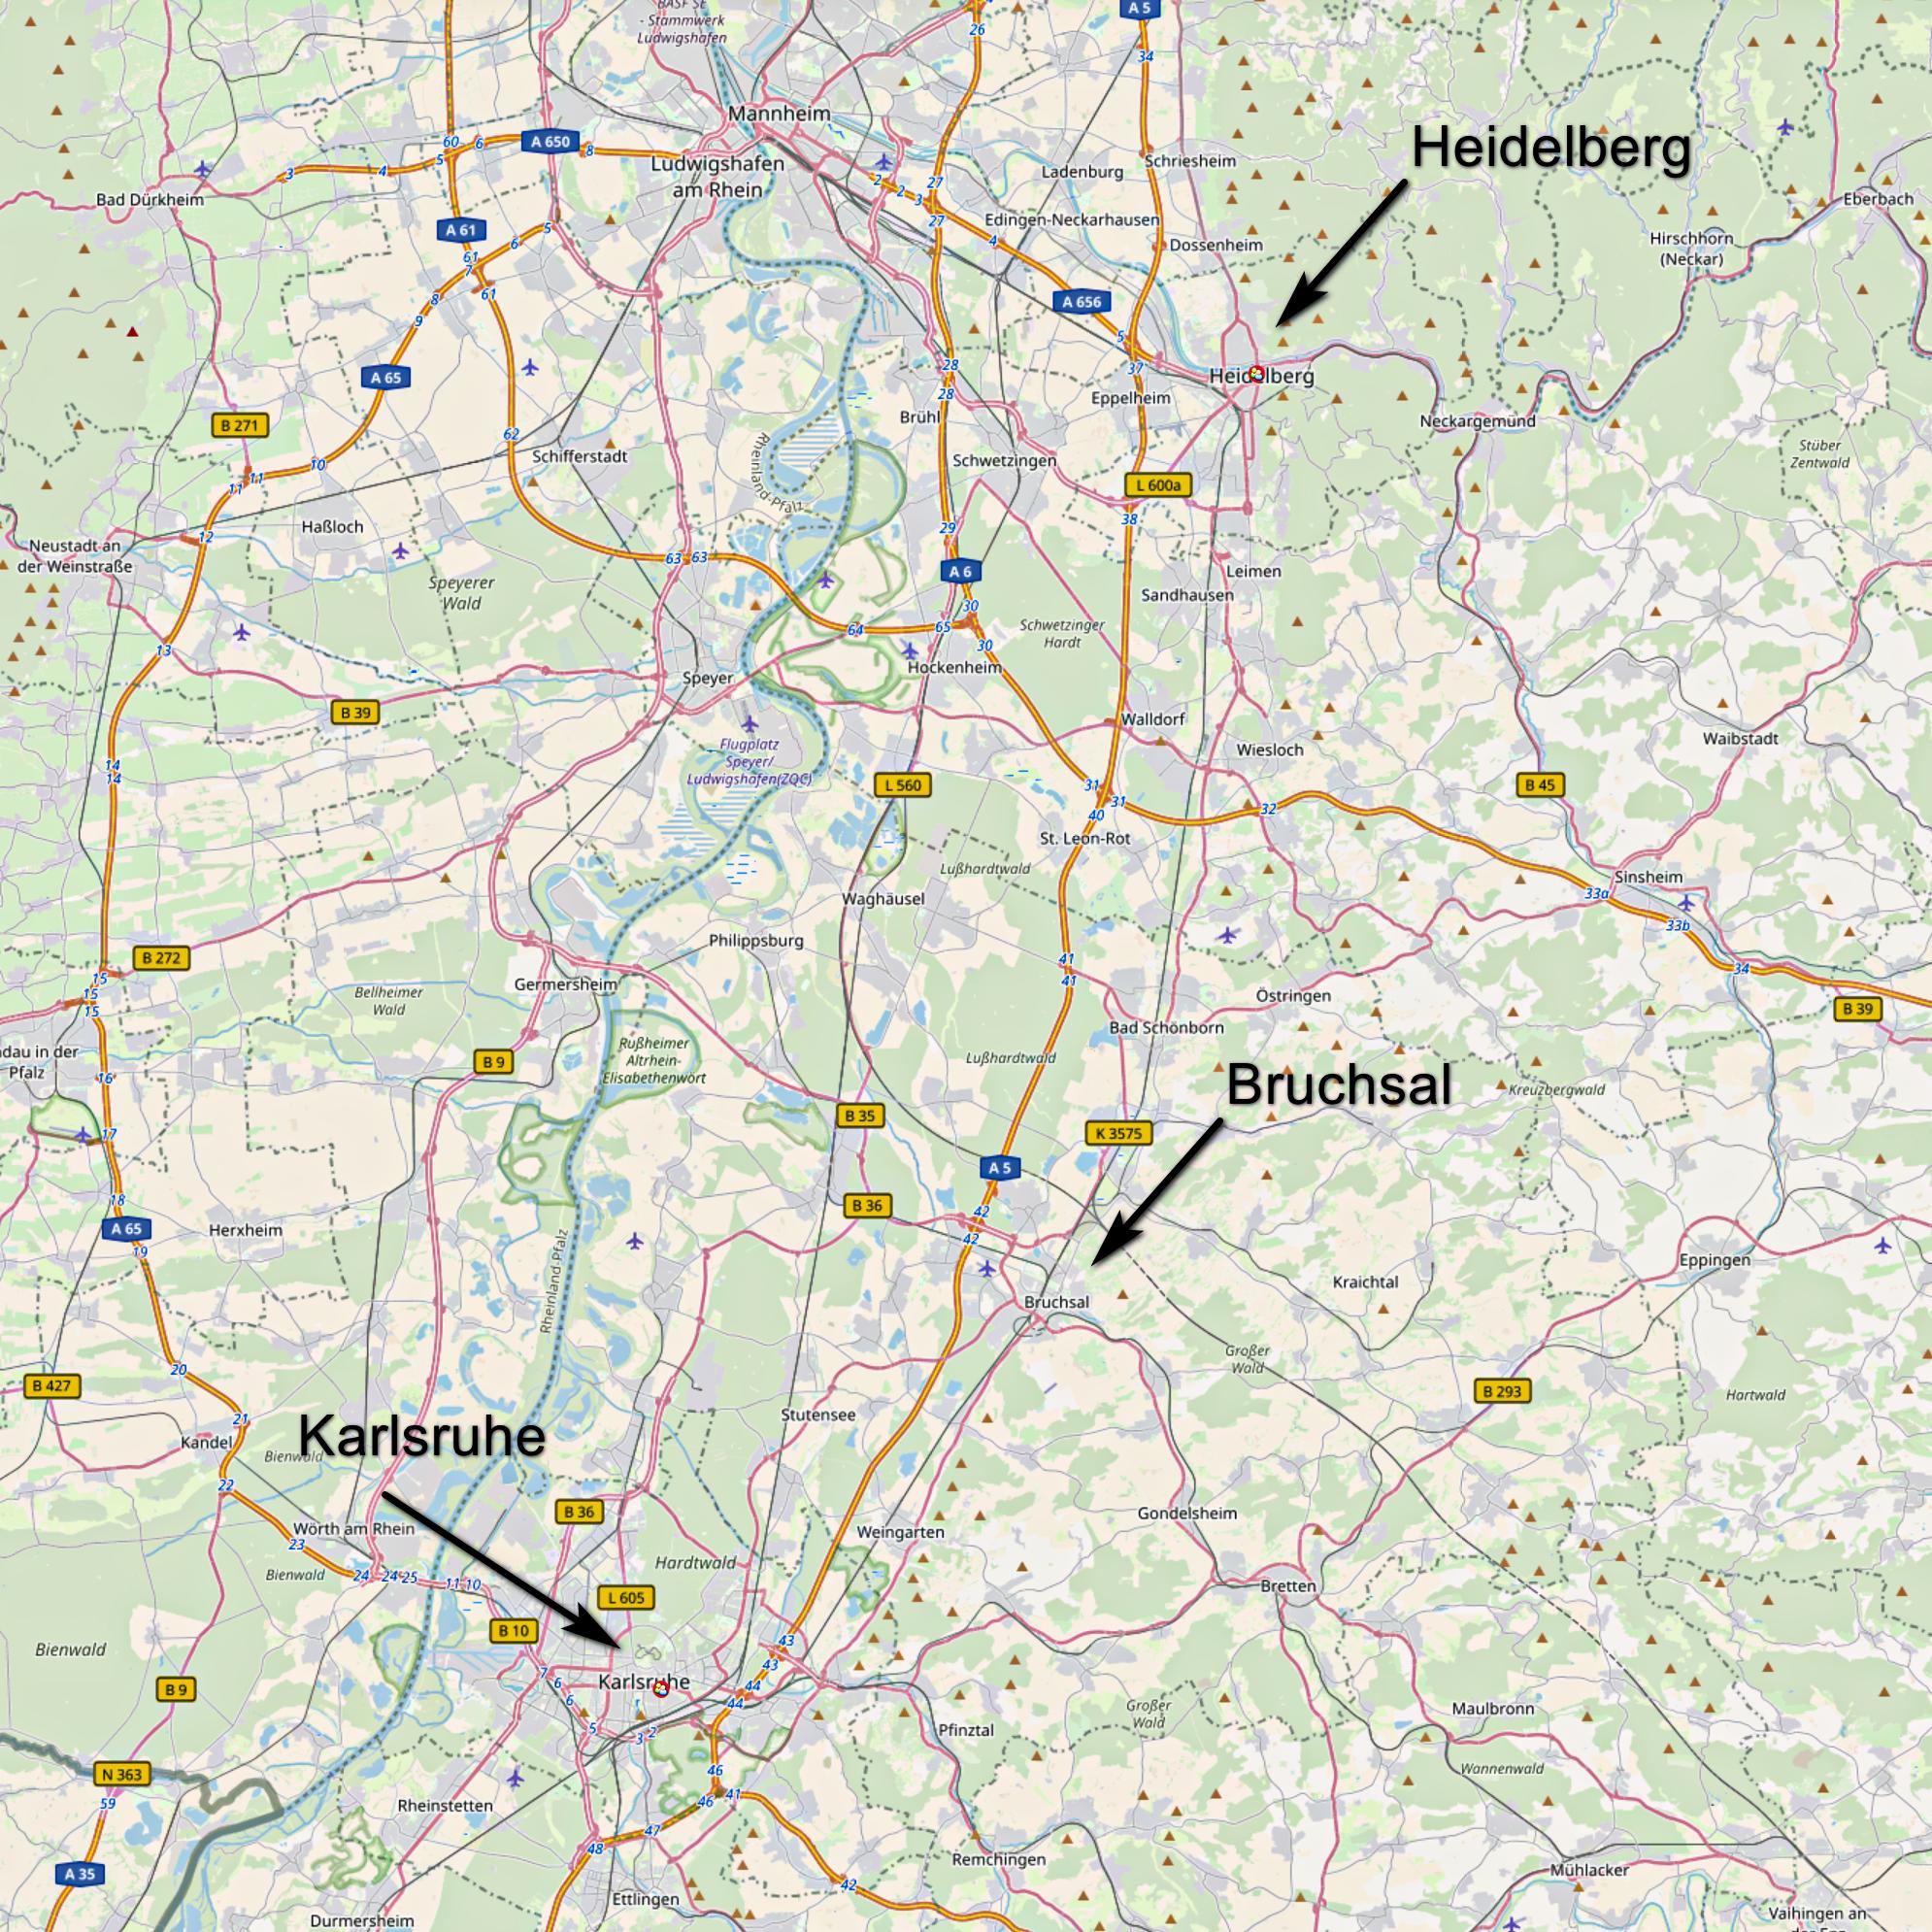 Karte mit den Orten Heidelberg, Bruchsal und Karlsruhe (Karte: © OpenStreetMap-Mitwirkende; Lizenz: Namensnennung - Weitergabe unter gleichen Bedingungen 2.0 Generic (CC BY-SA 2.0); siehe: www.openstreetmap.org/copyright)